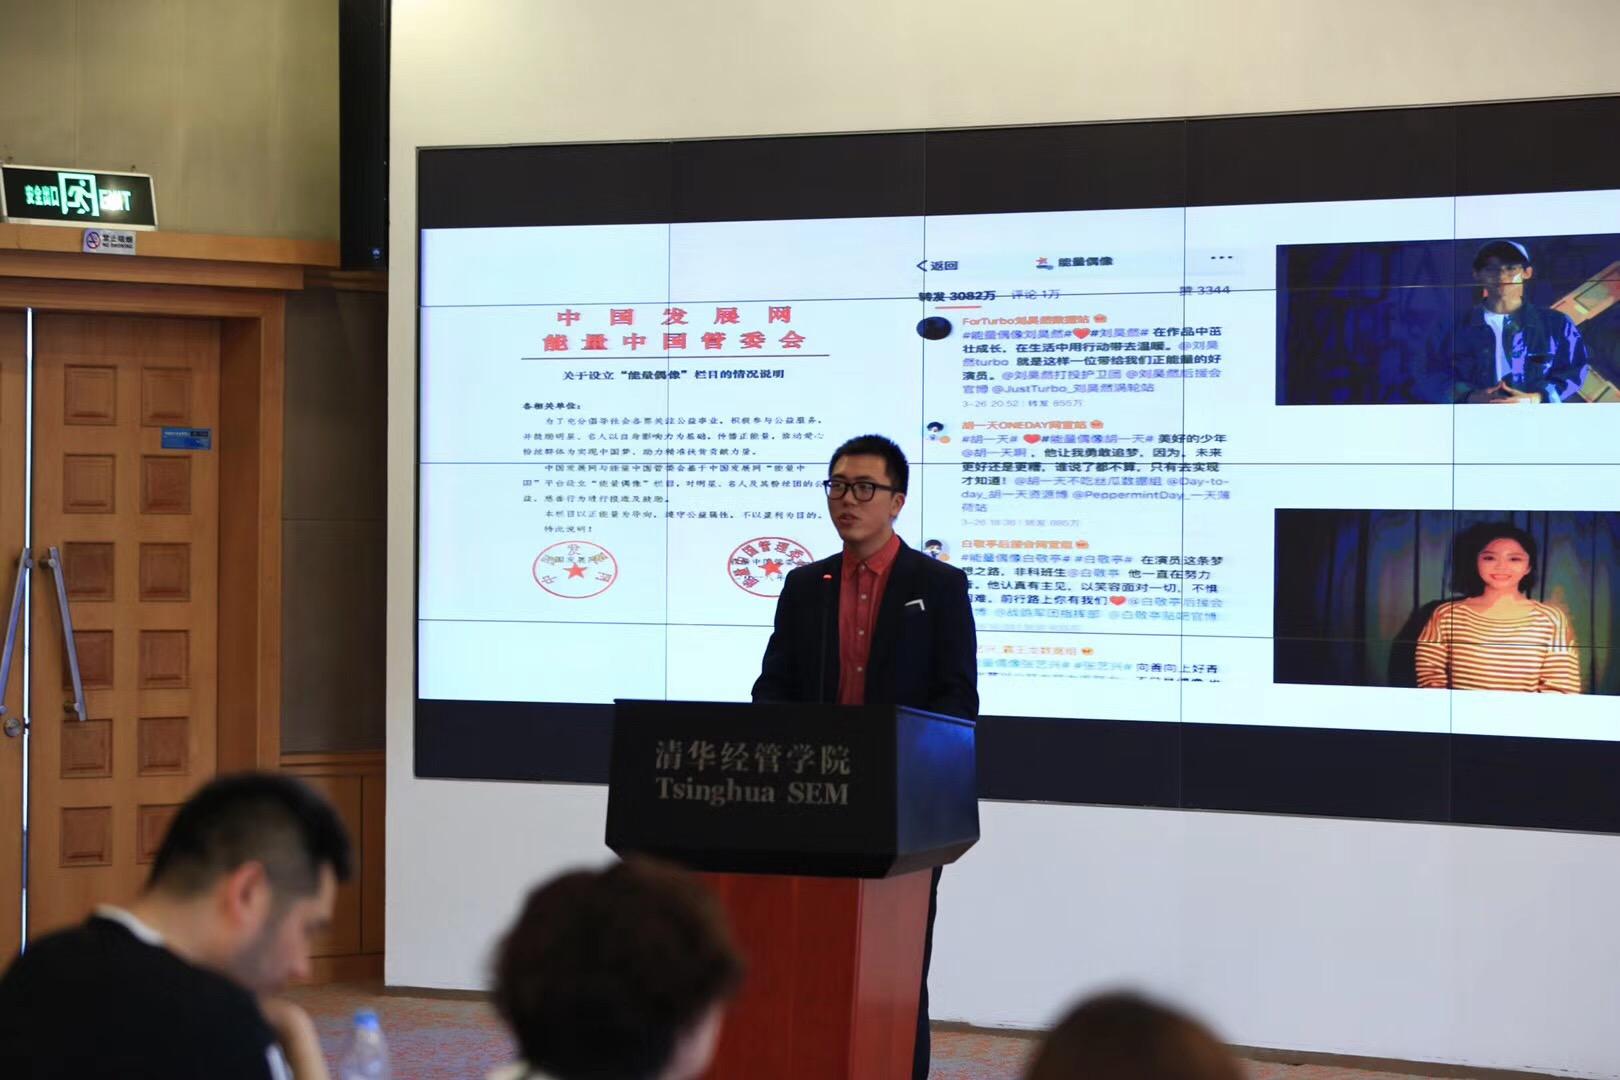 能量中国管委会秘书长出席2018年大学生公益创业行动启动仪式